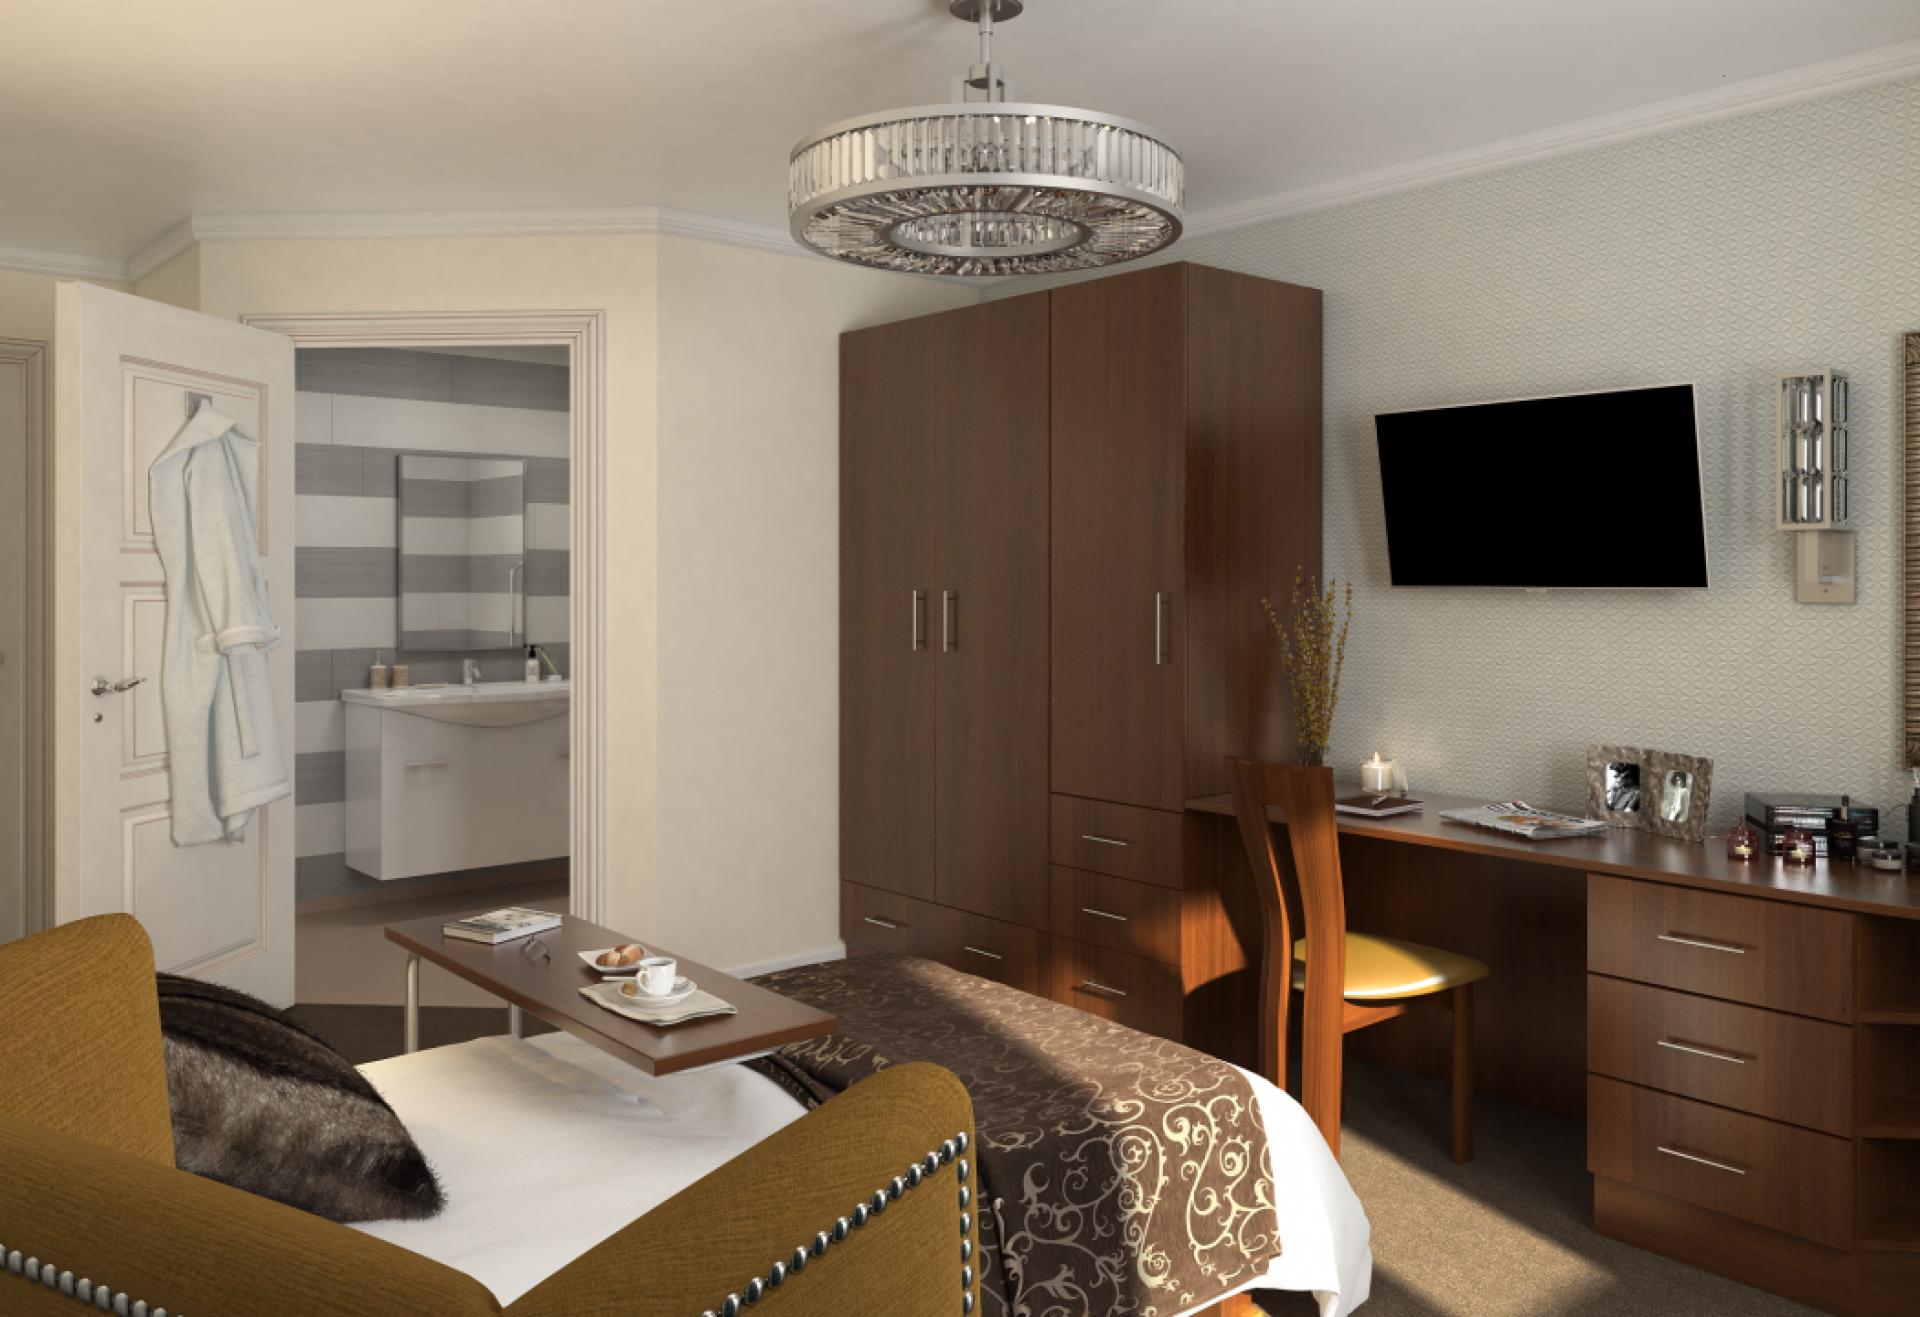 Bedroom_web-1050x720.png